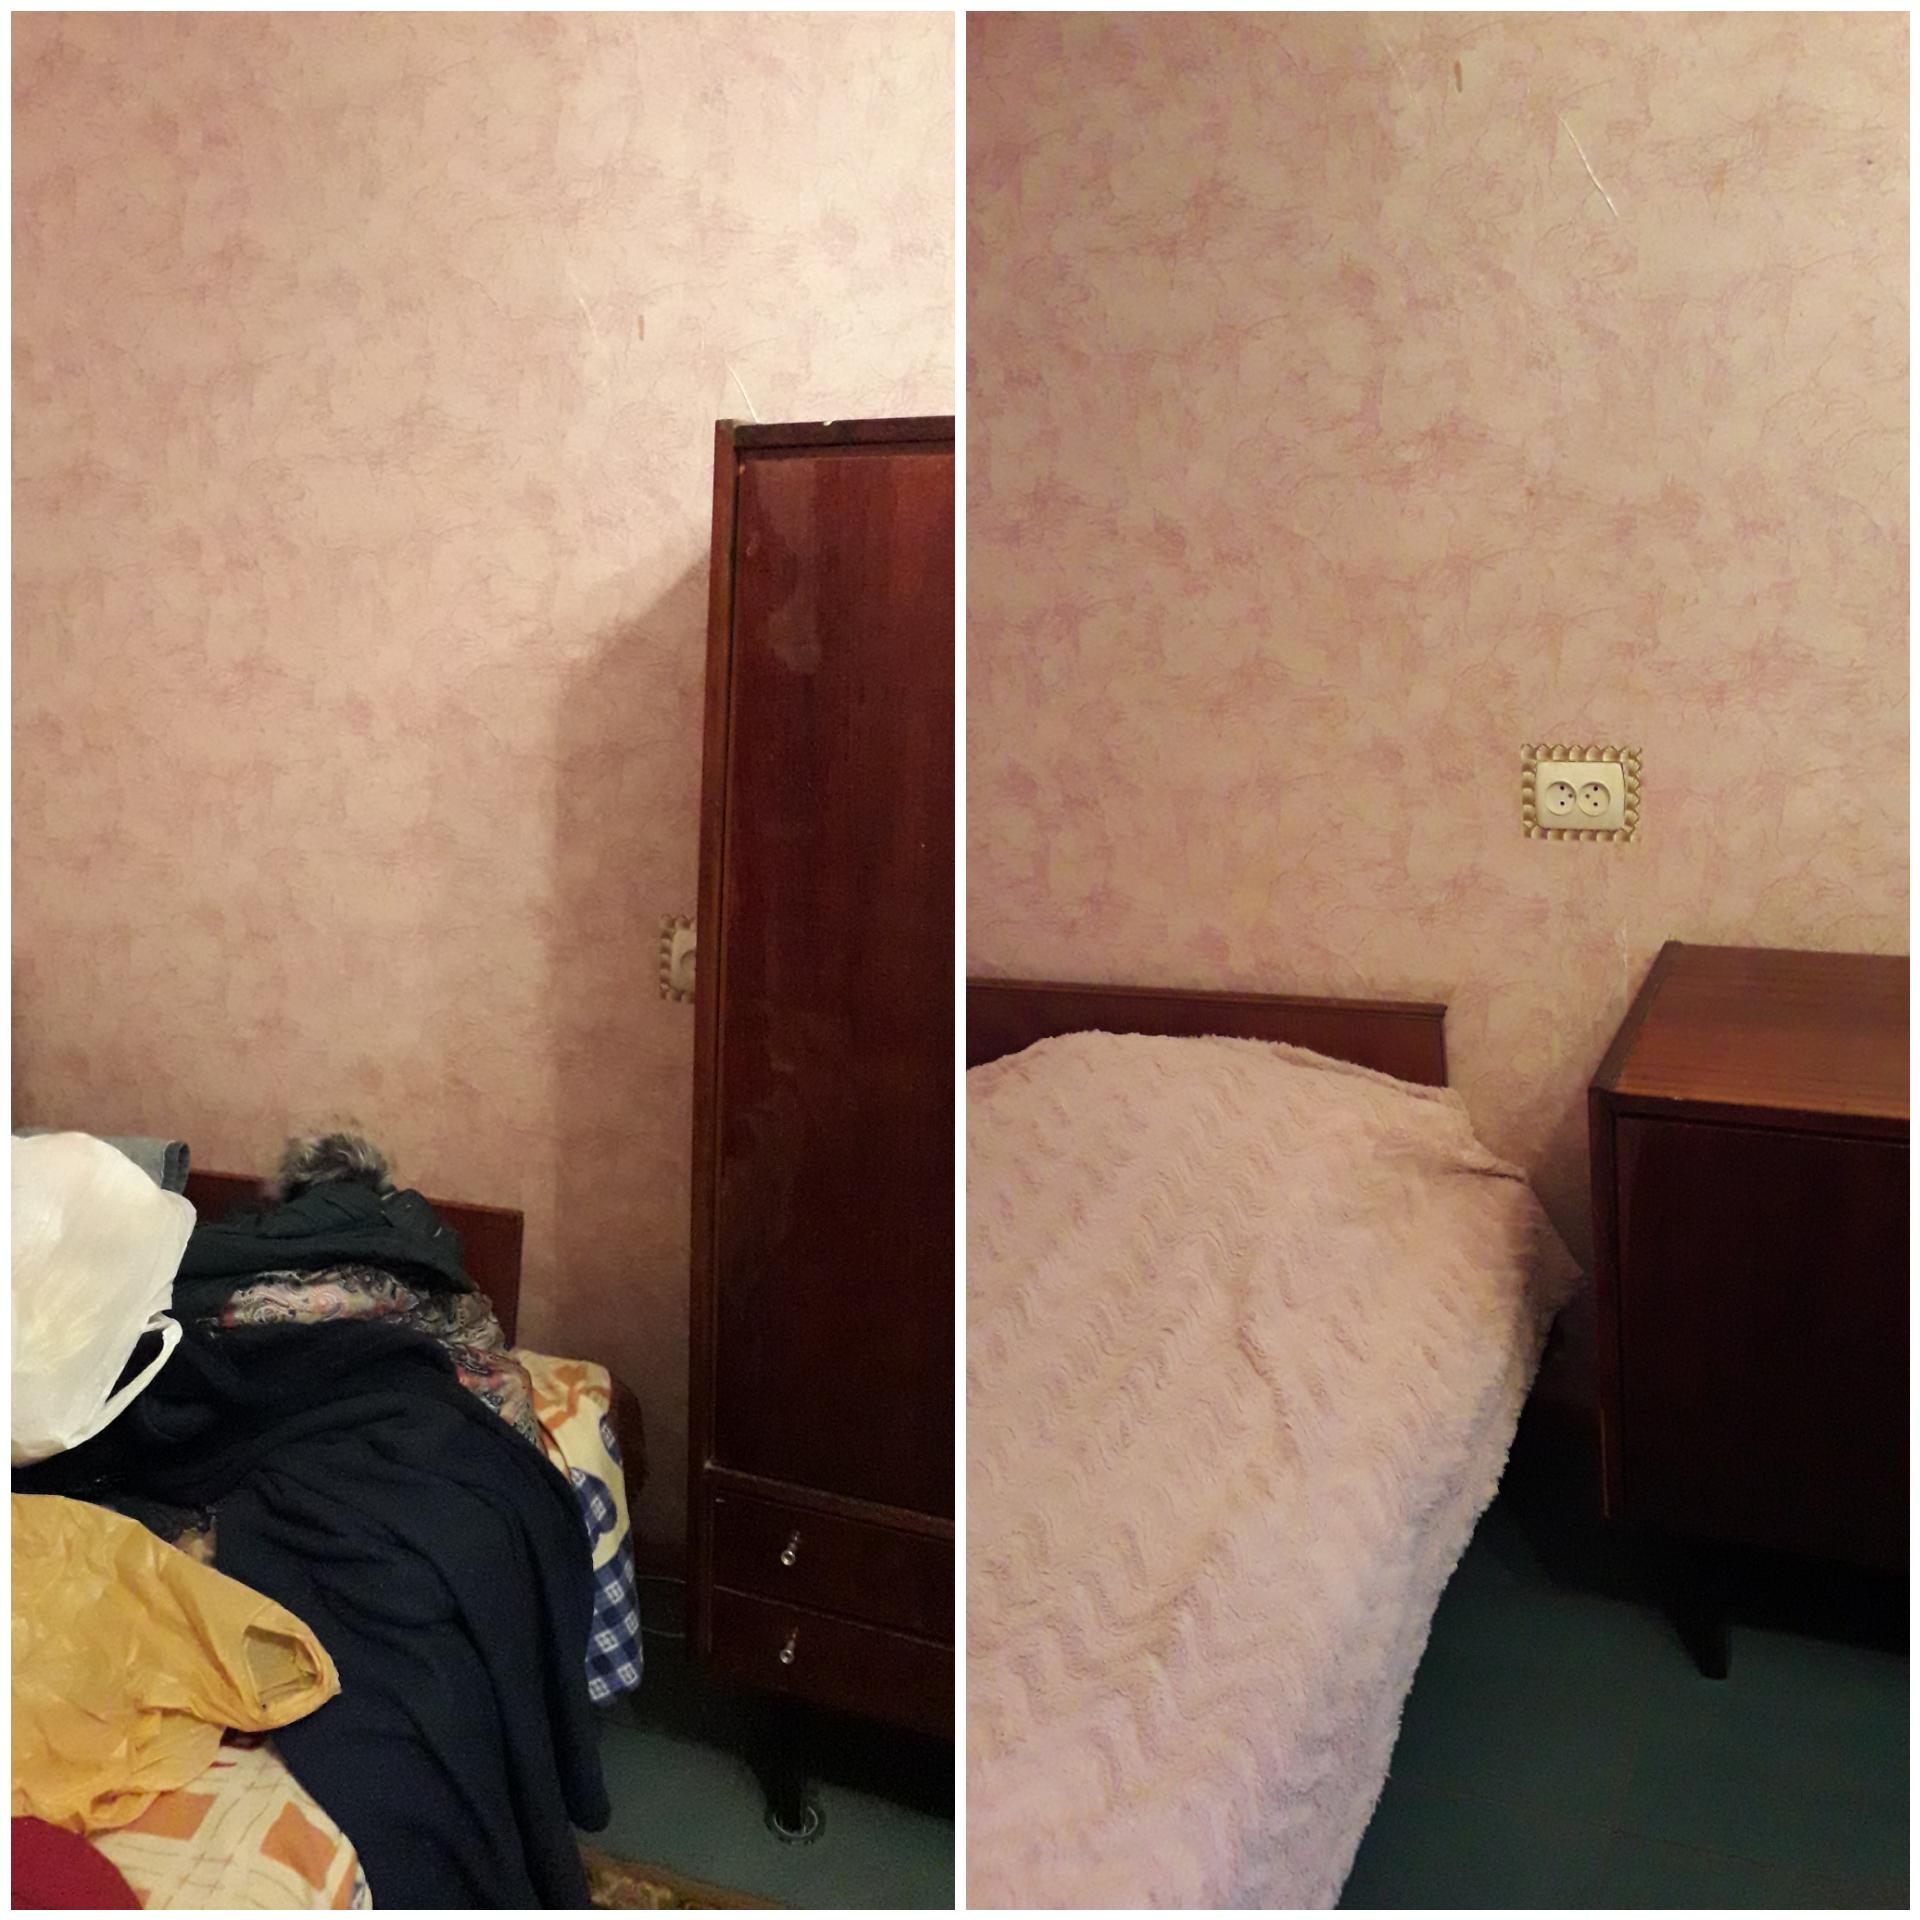 Фото Генеральная уборка, разбор всех вещей в квартире, избавится от старого хлама, сделать перестановку, с минимальным бюджетом купить недостающих вещей для простейшего комфорта.